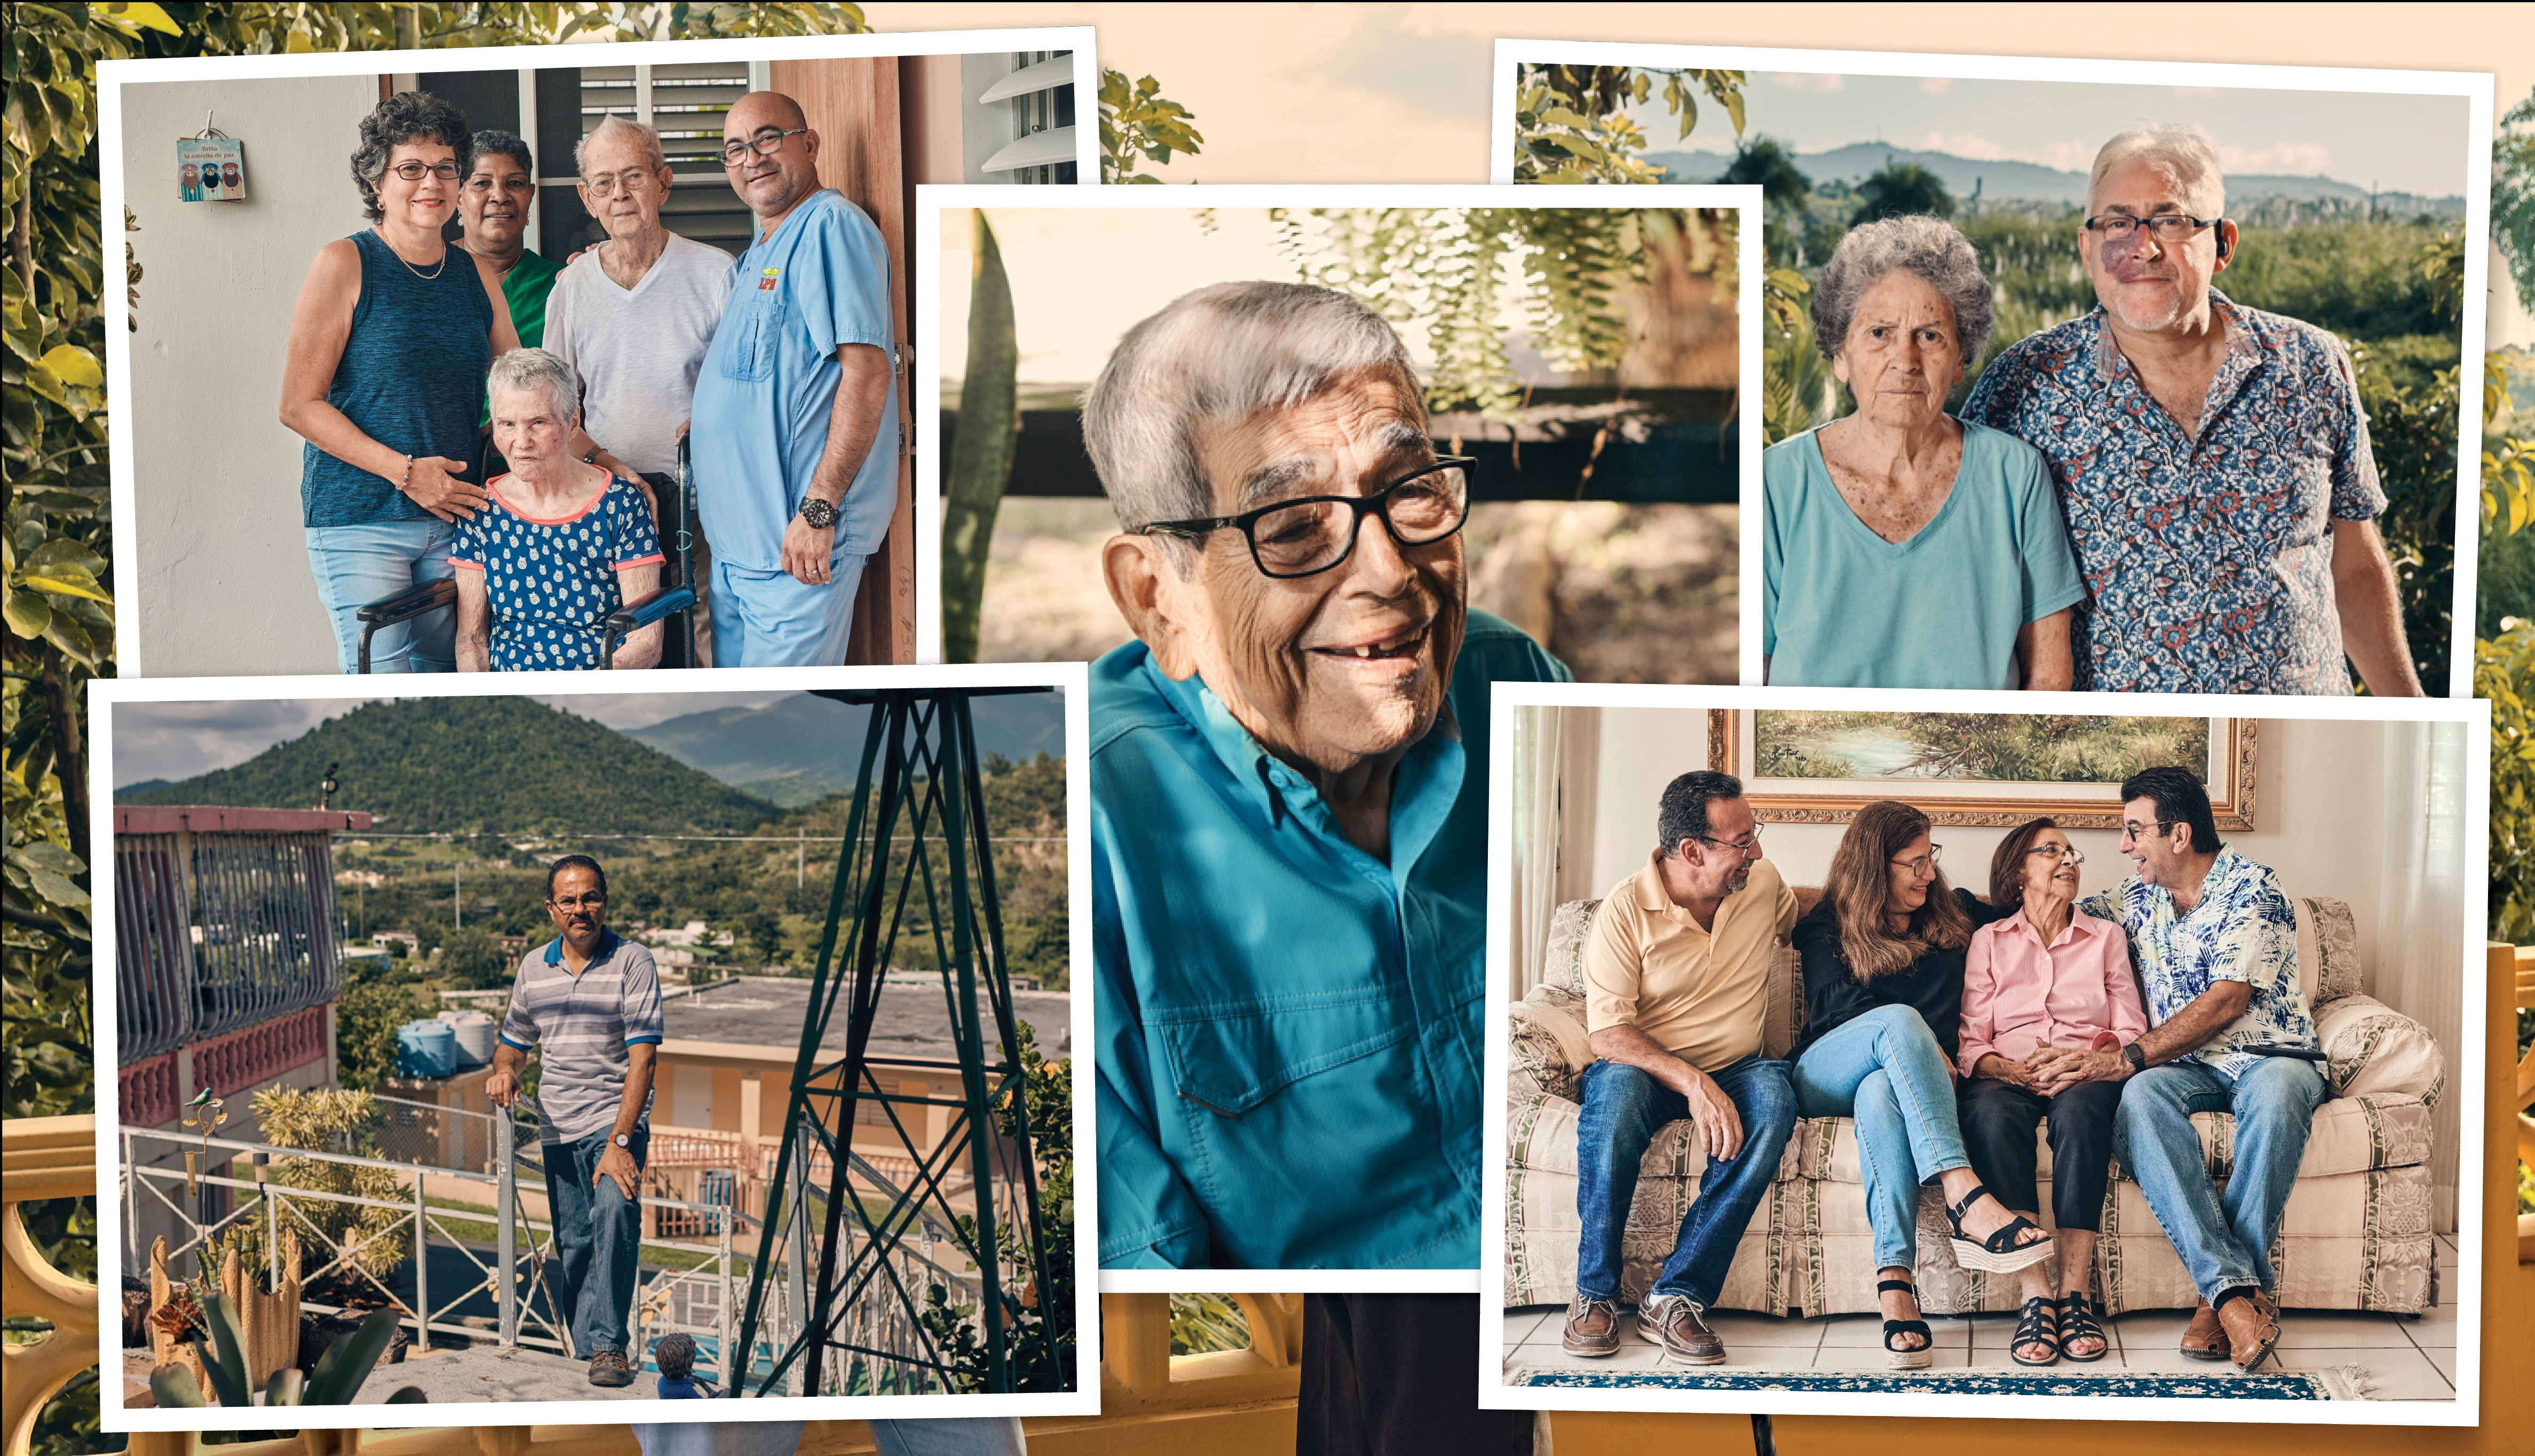 Varias fotos que muestran el reto de cuidar un familiar en Puerto Rico